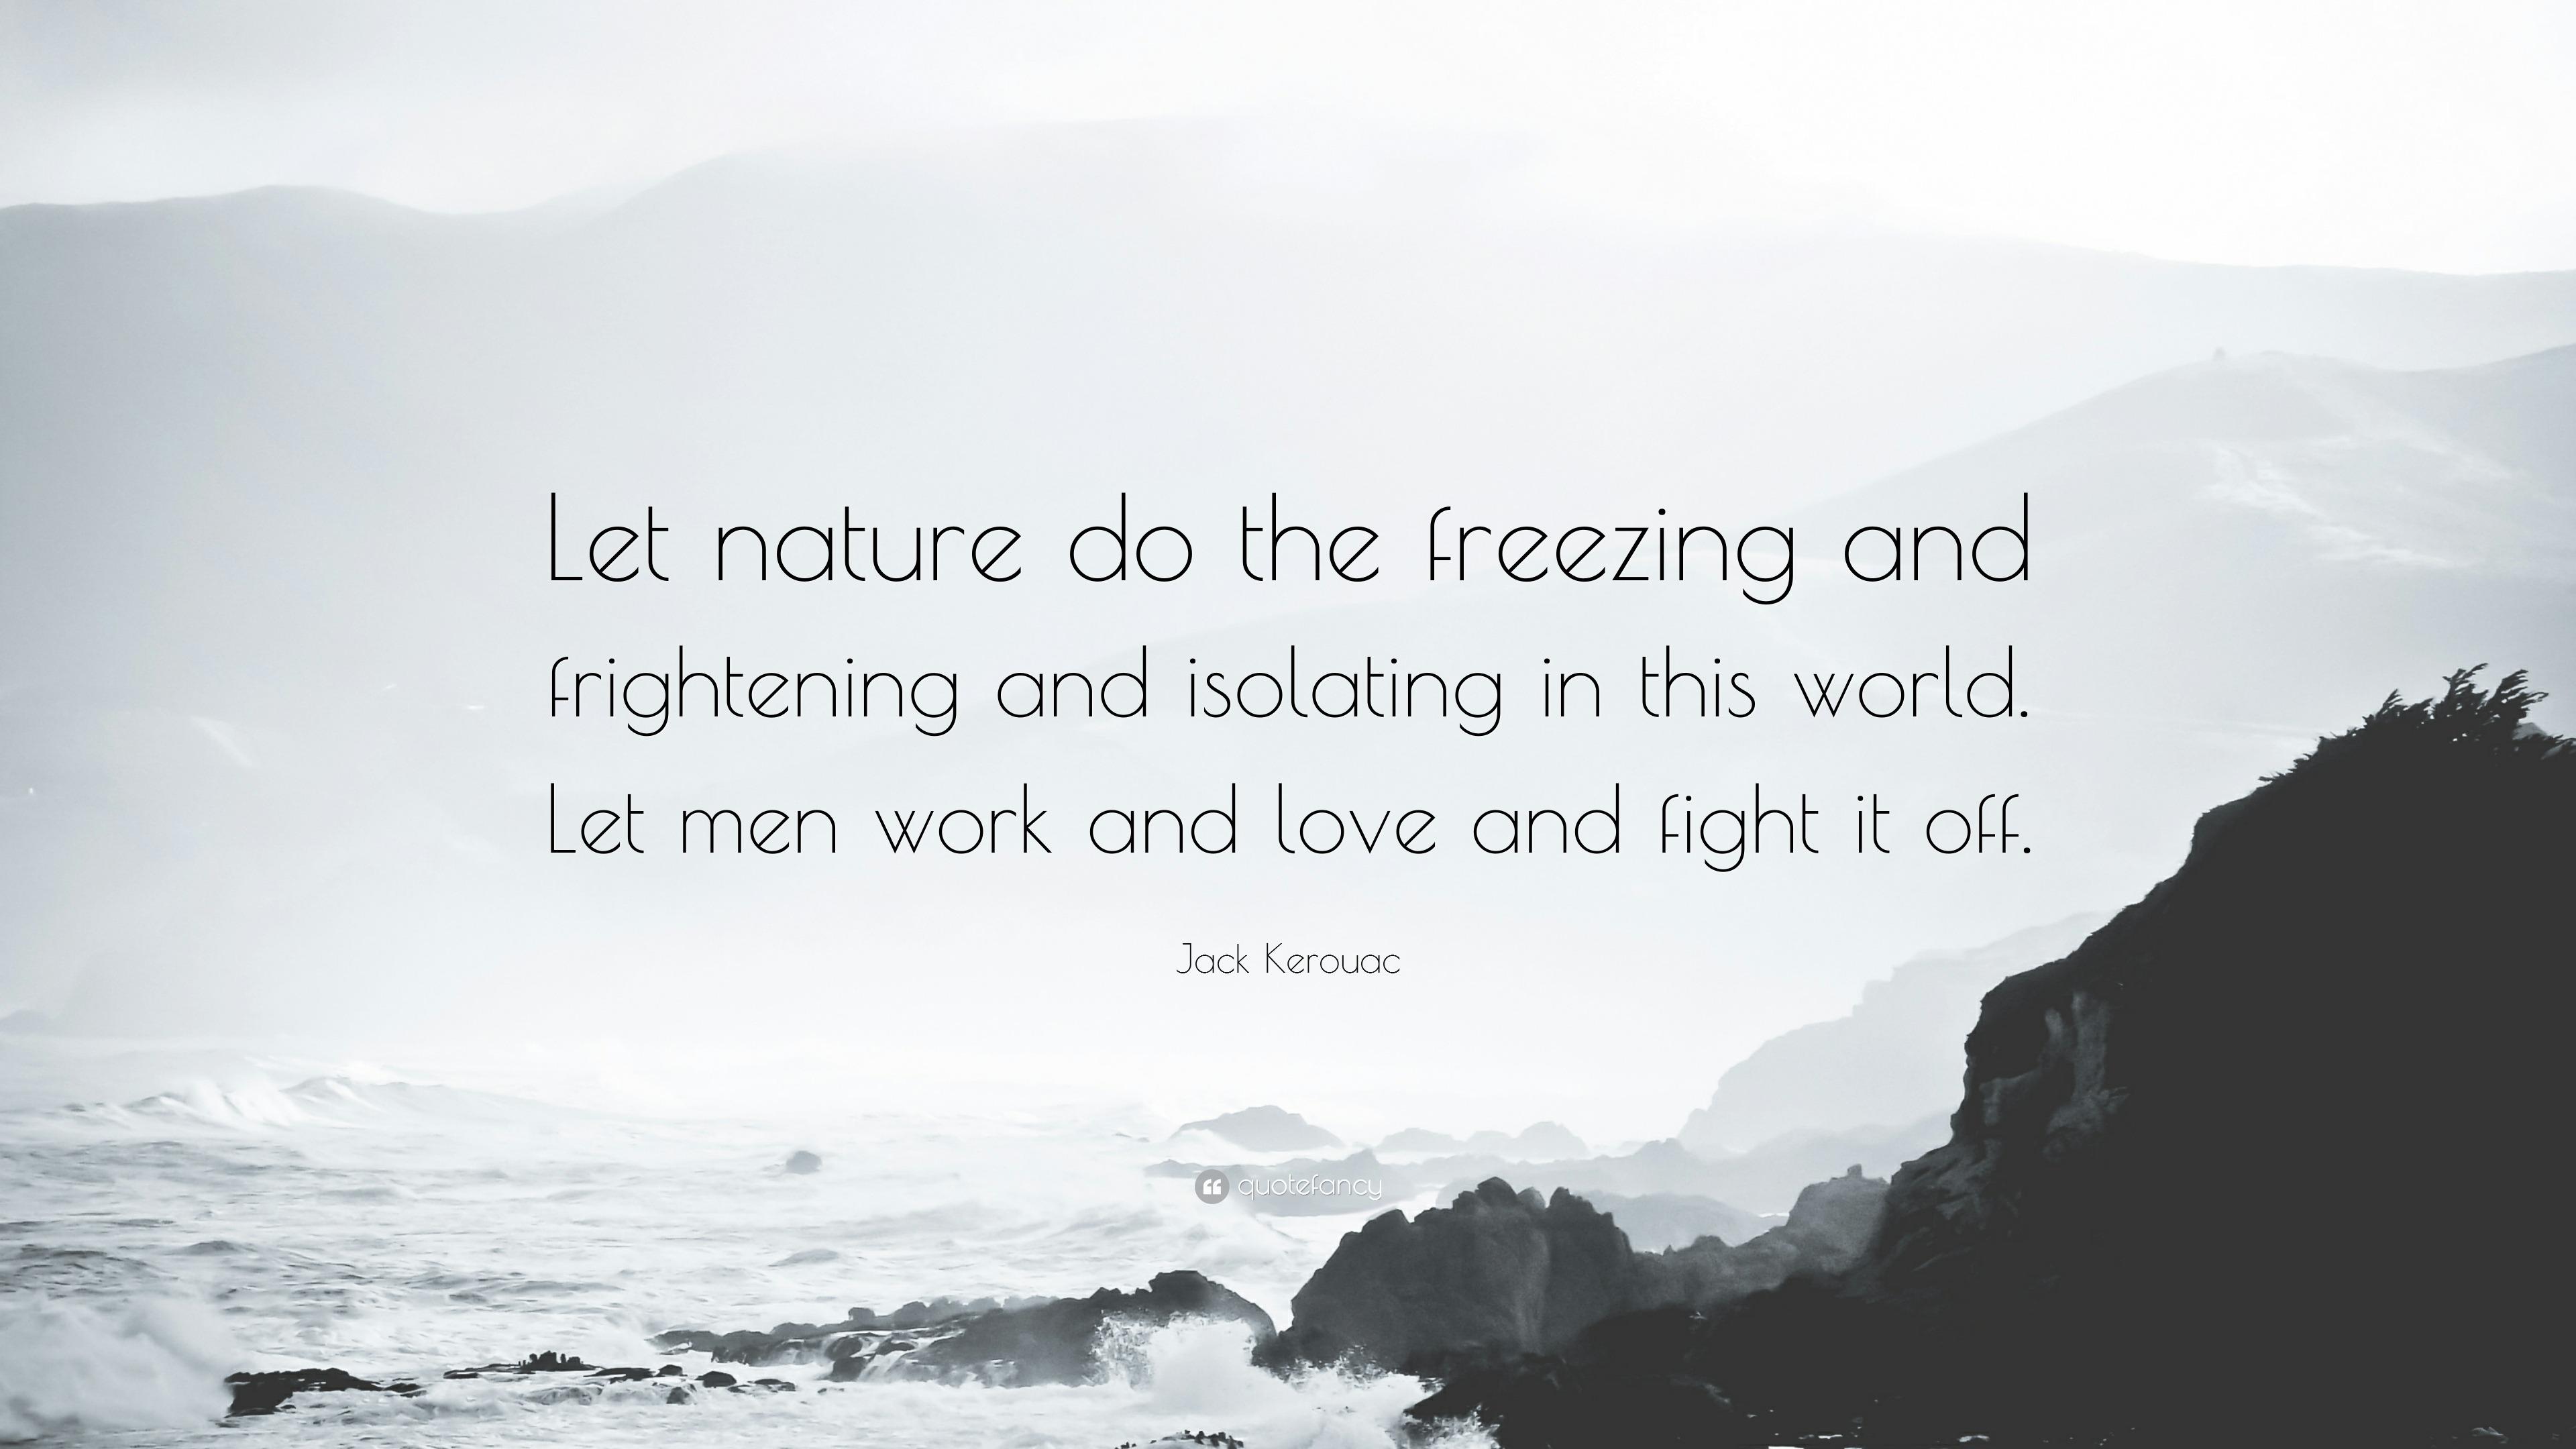 Jack Kerouac Quotes (301 wallpapers) - Quotefancy